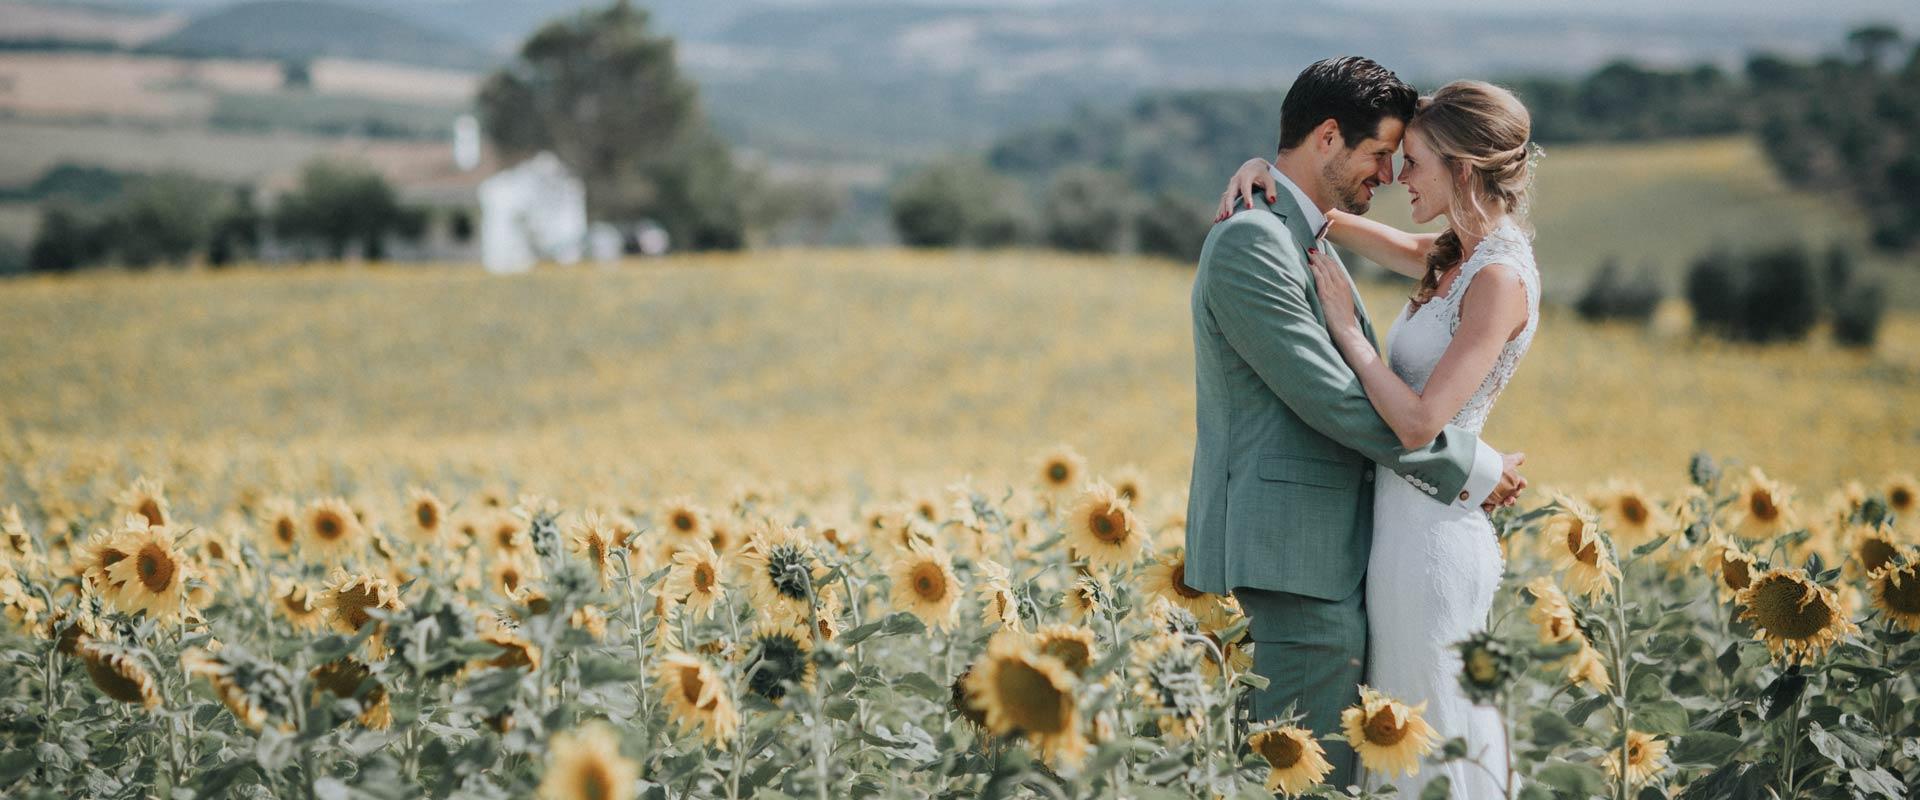 Wietske & Peter trouwen bij Cortijo Barranco